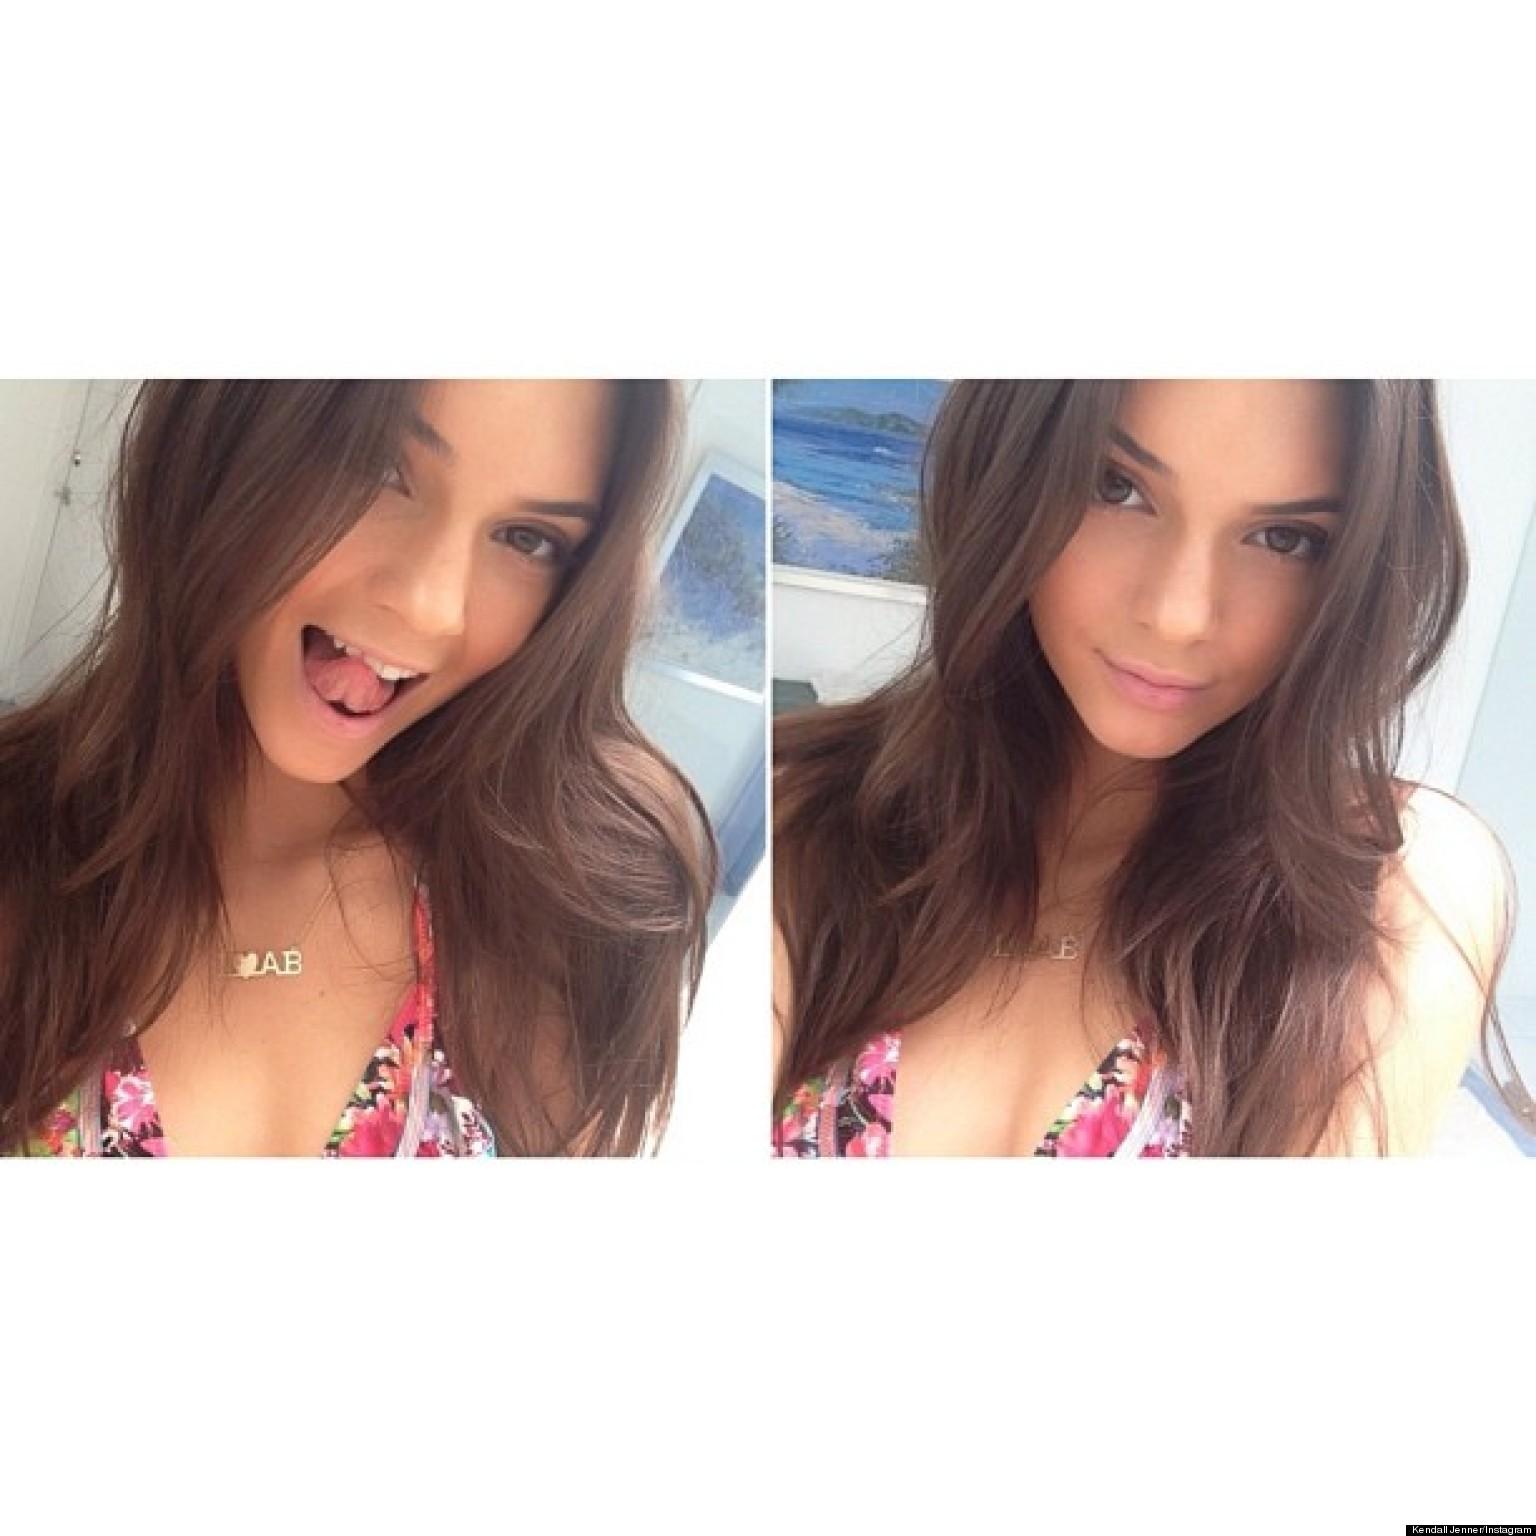 Kendall Jenner Shares Pics From Her Bikini Modeling Shoot